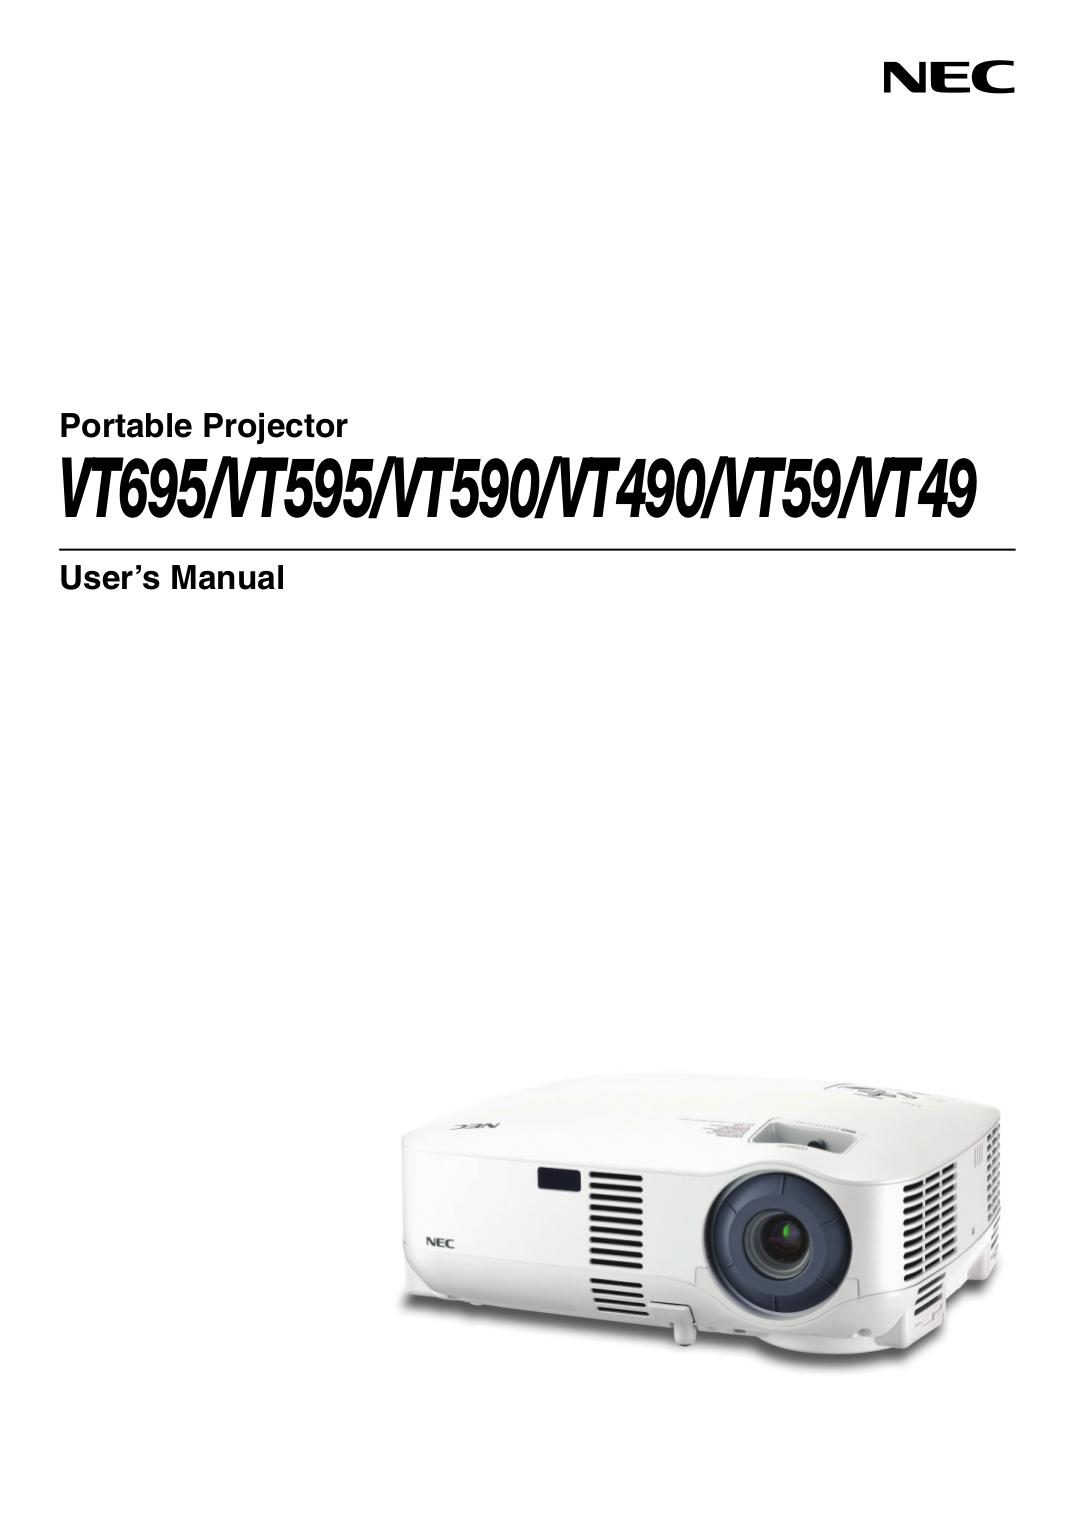 Nec vt59 projector user manual usermanuals. Tech youtube.